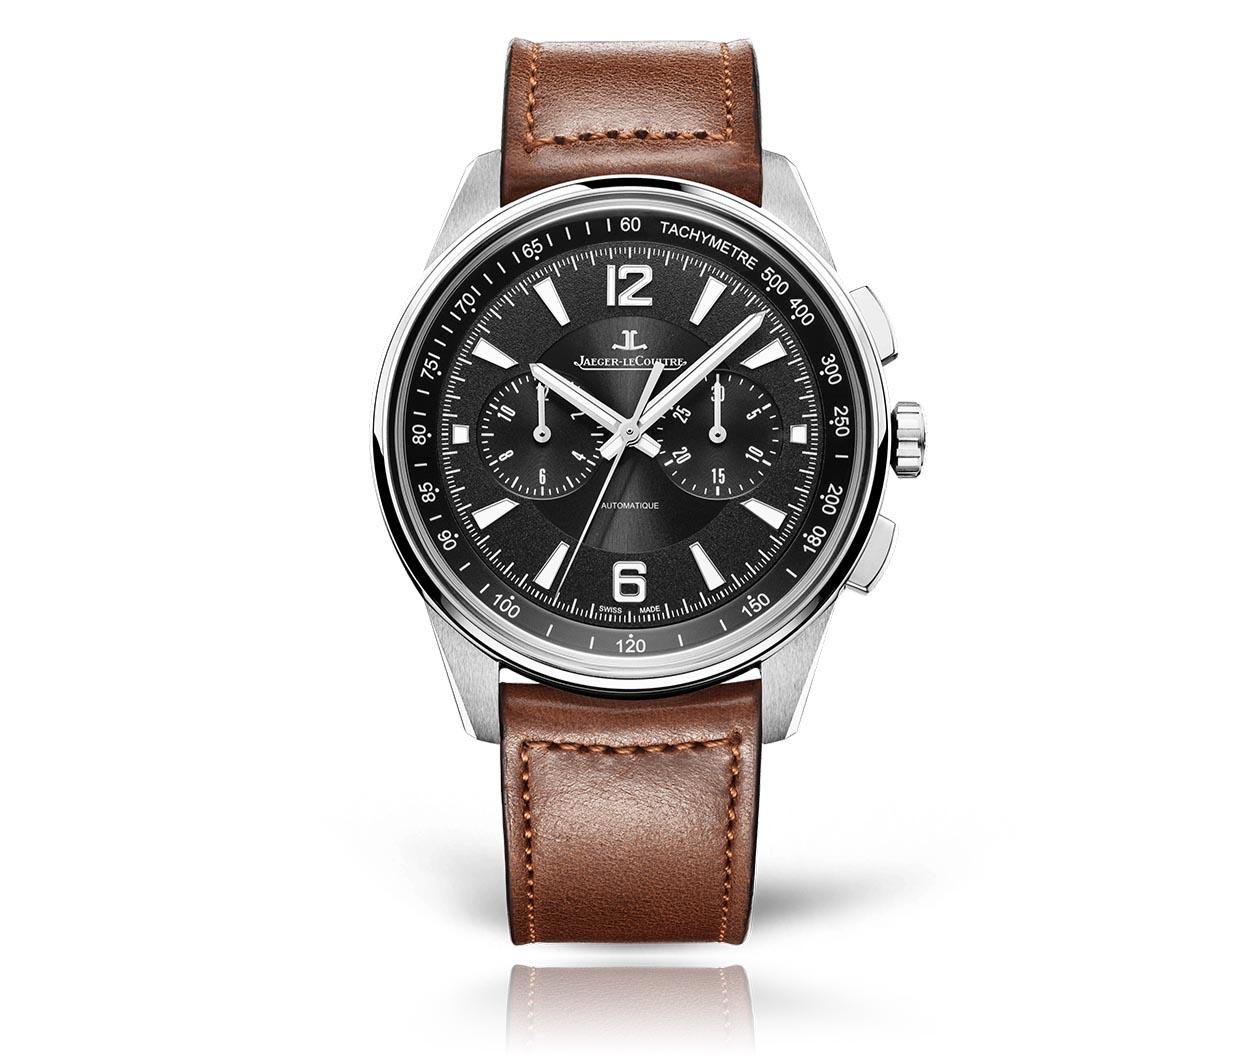 JaegerLeCoultre Polaris Chronograph 9028471 Carousel 1 FINAL